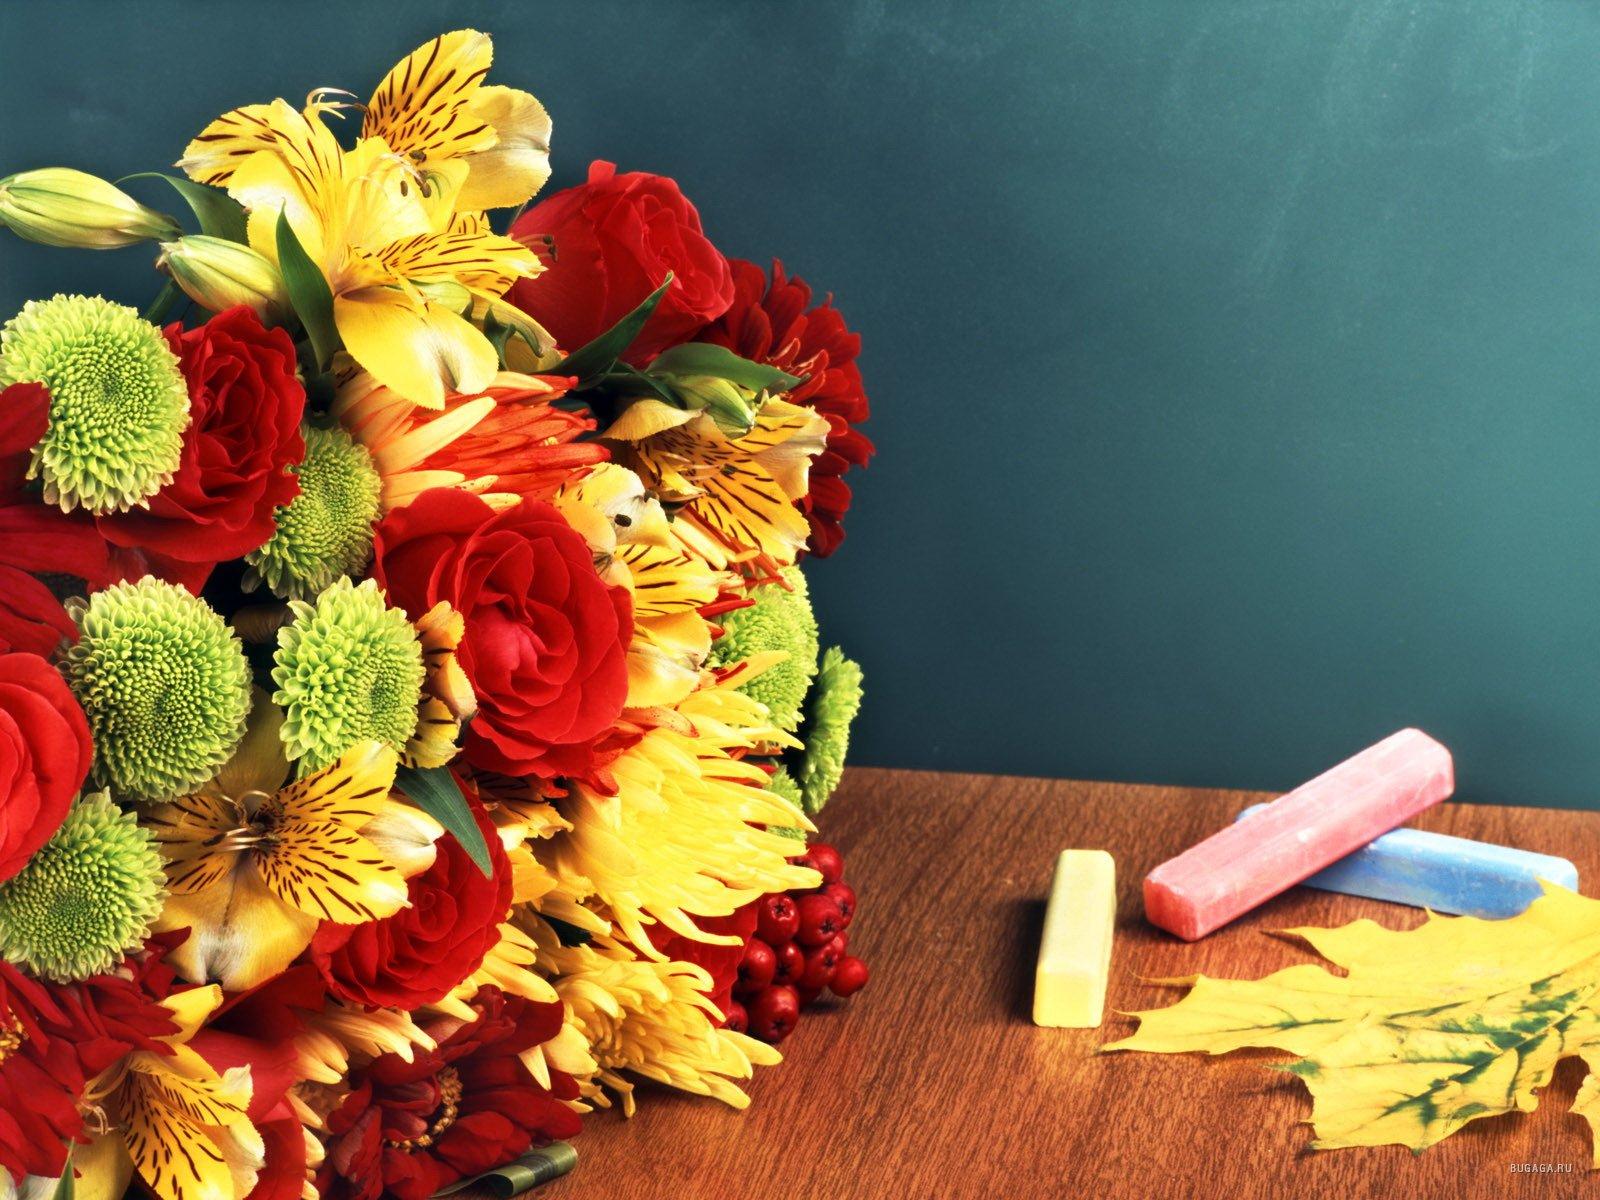 День учителя: как организовать шикарный концерт с выступлениями педагогов и детей.